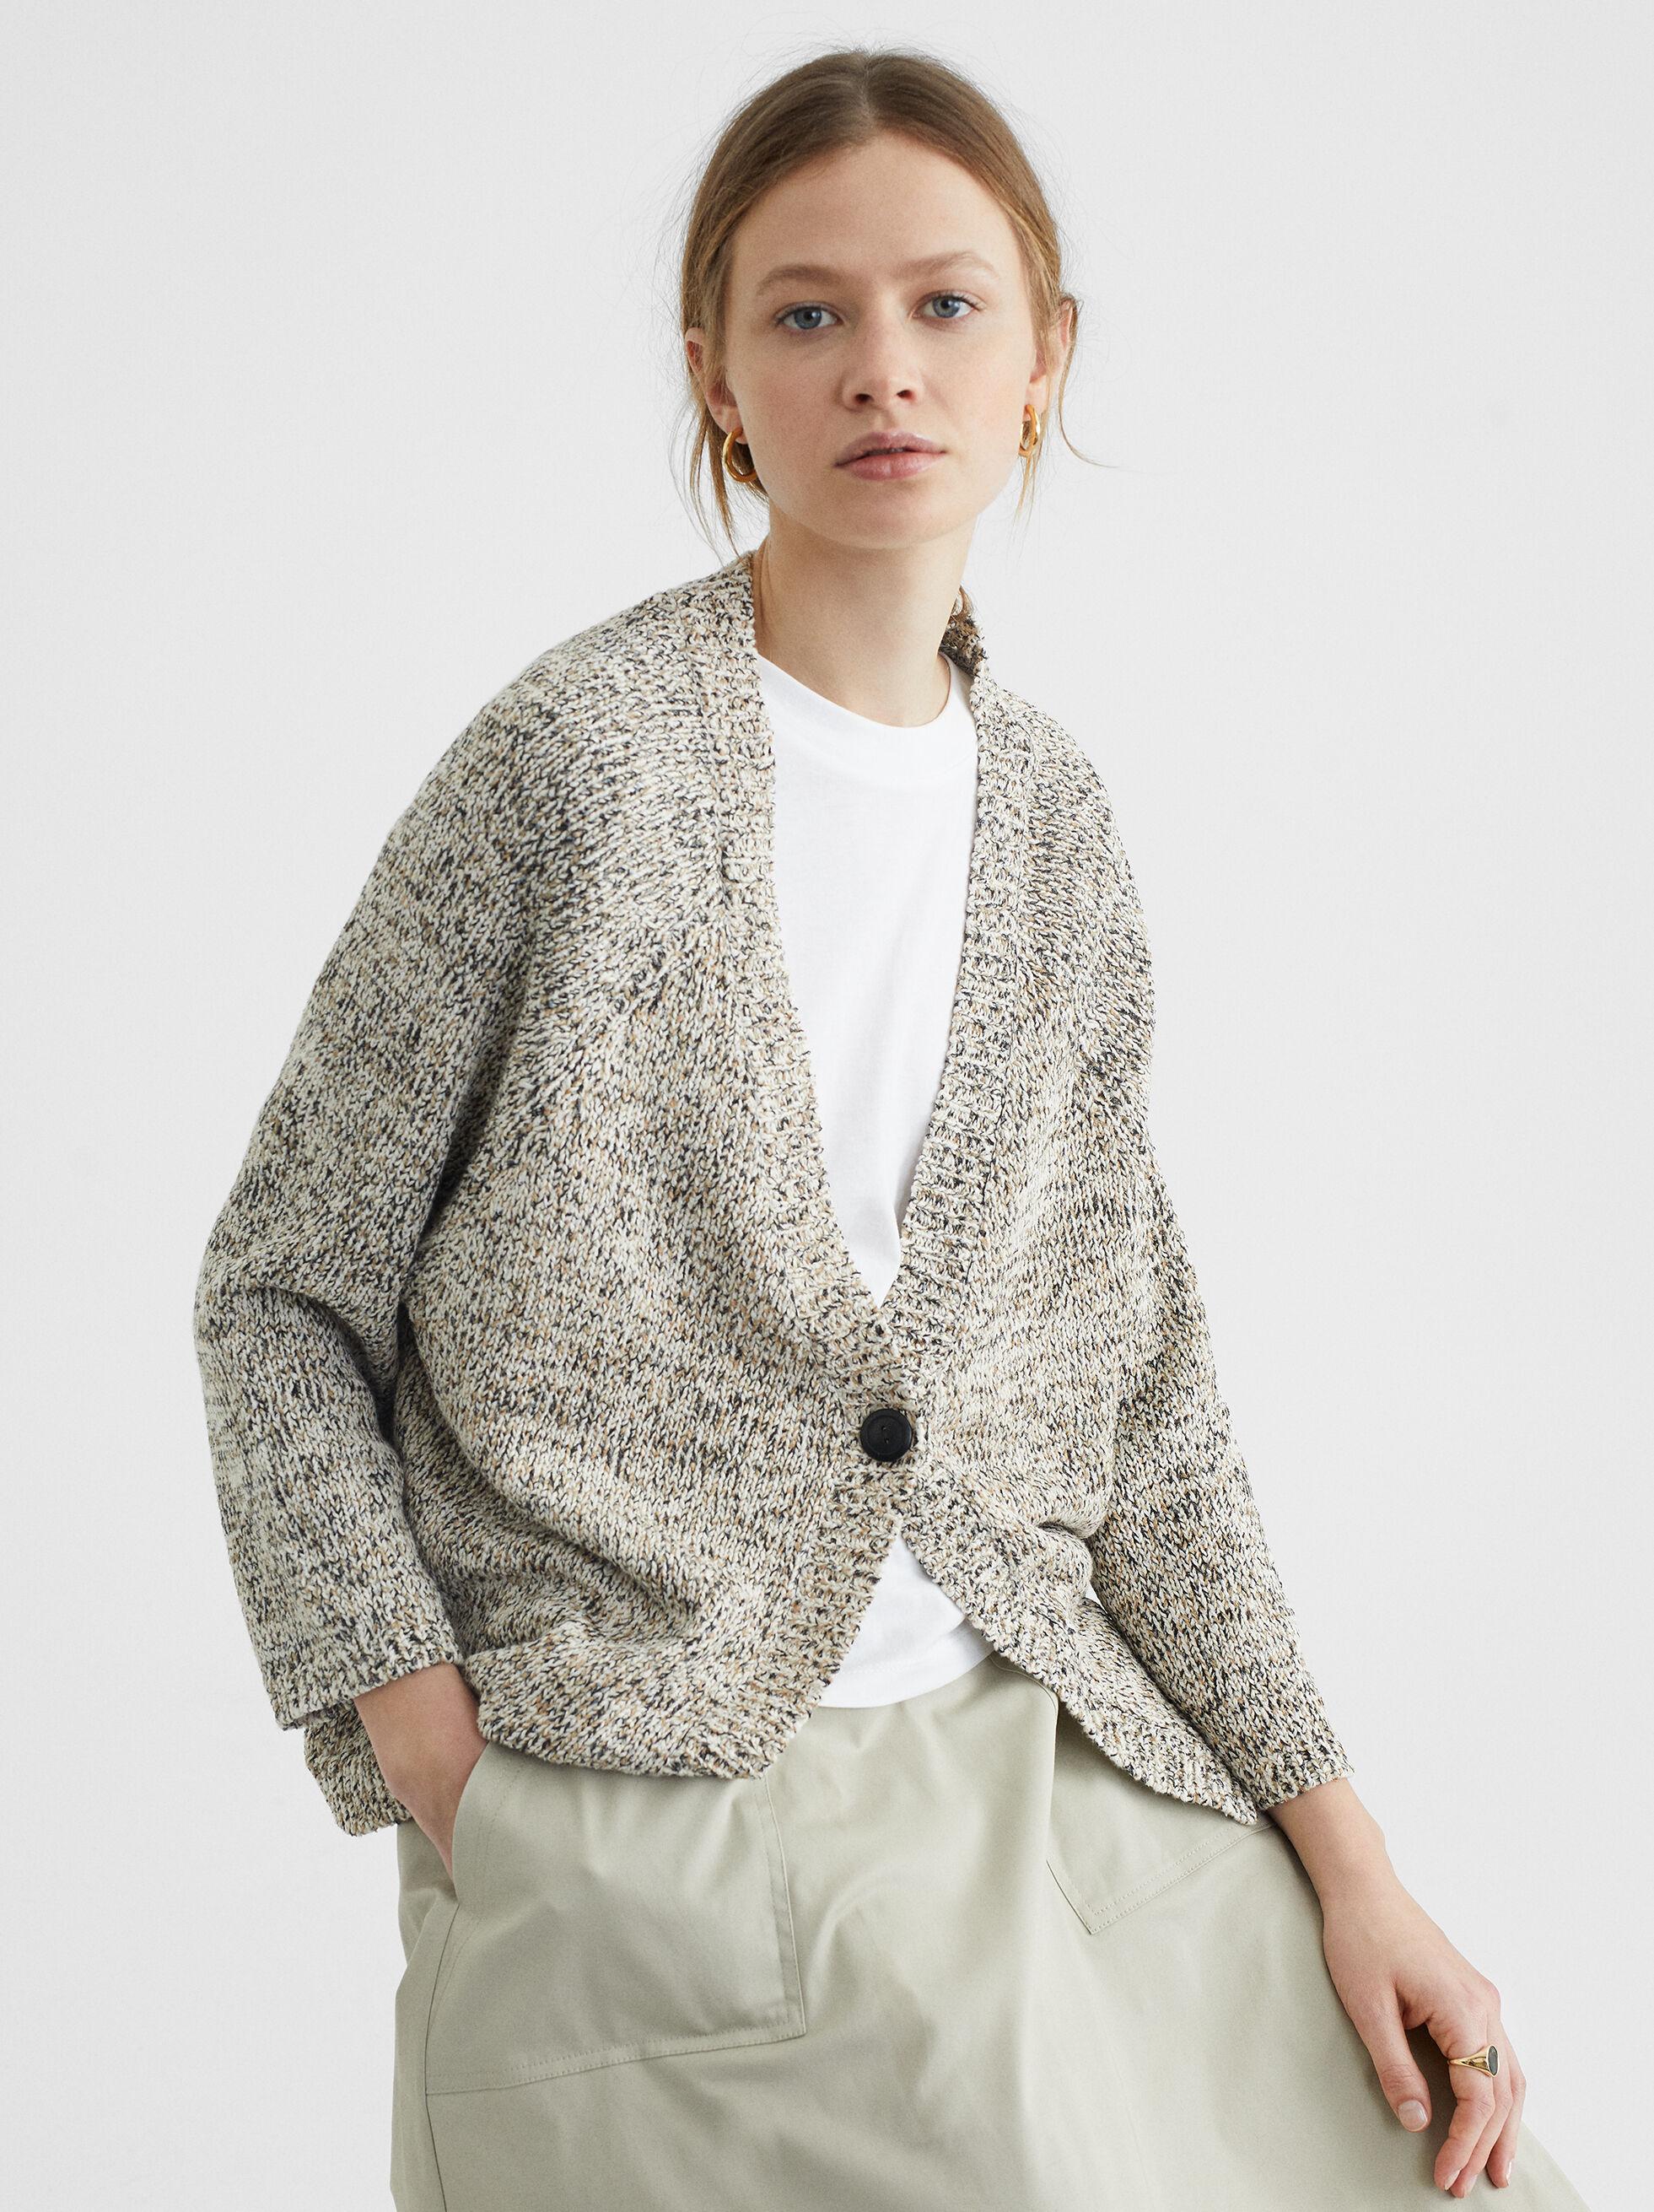 Knit Cardigan, Beige, hi-res